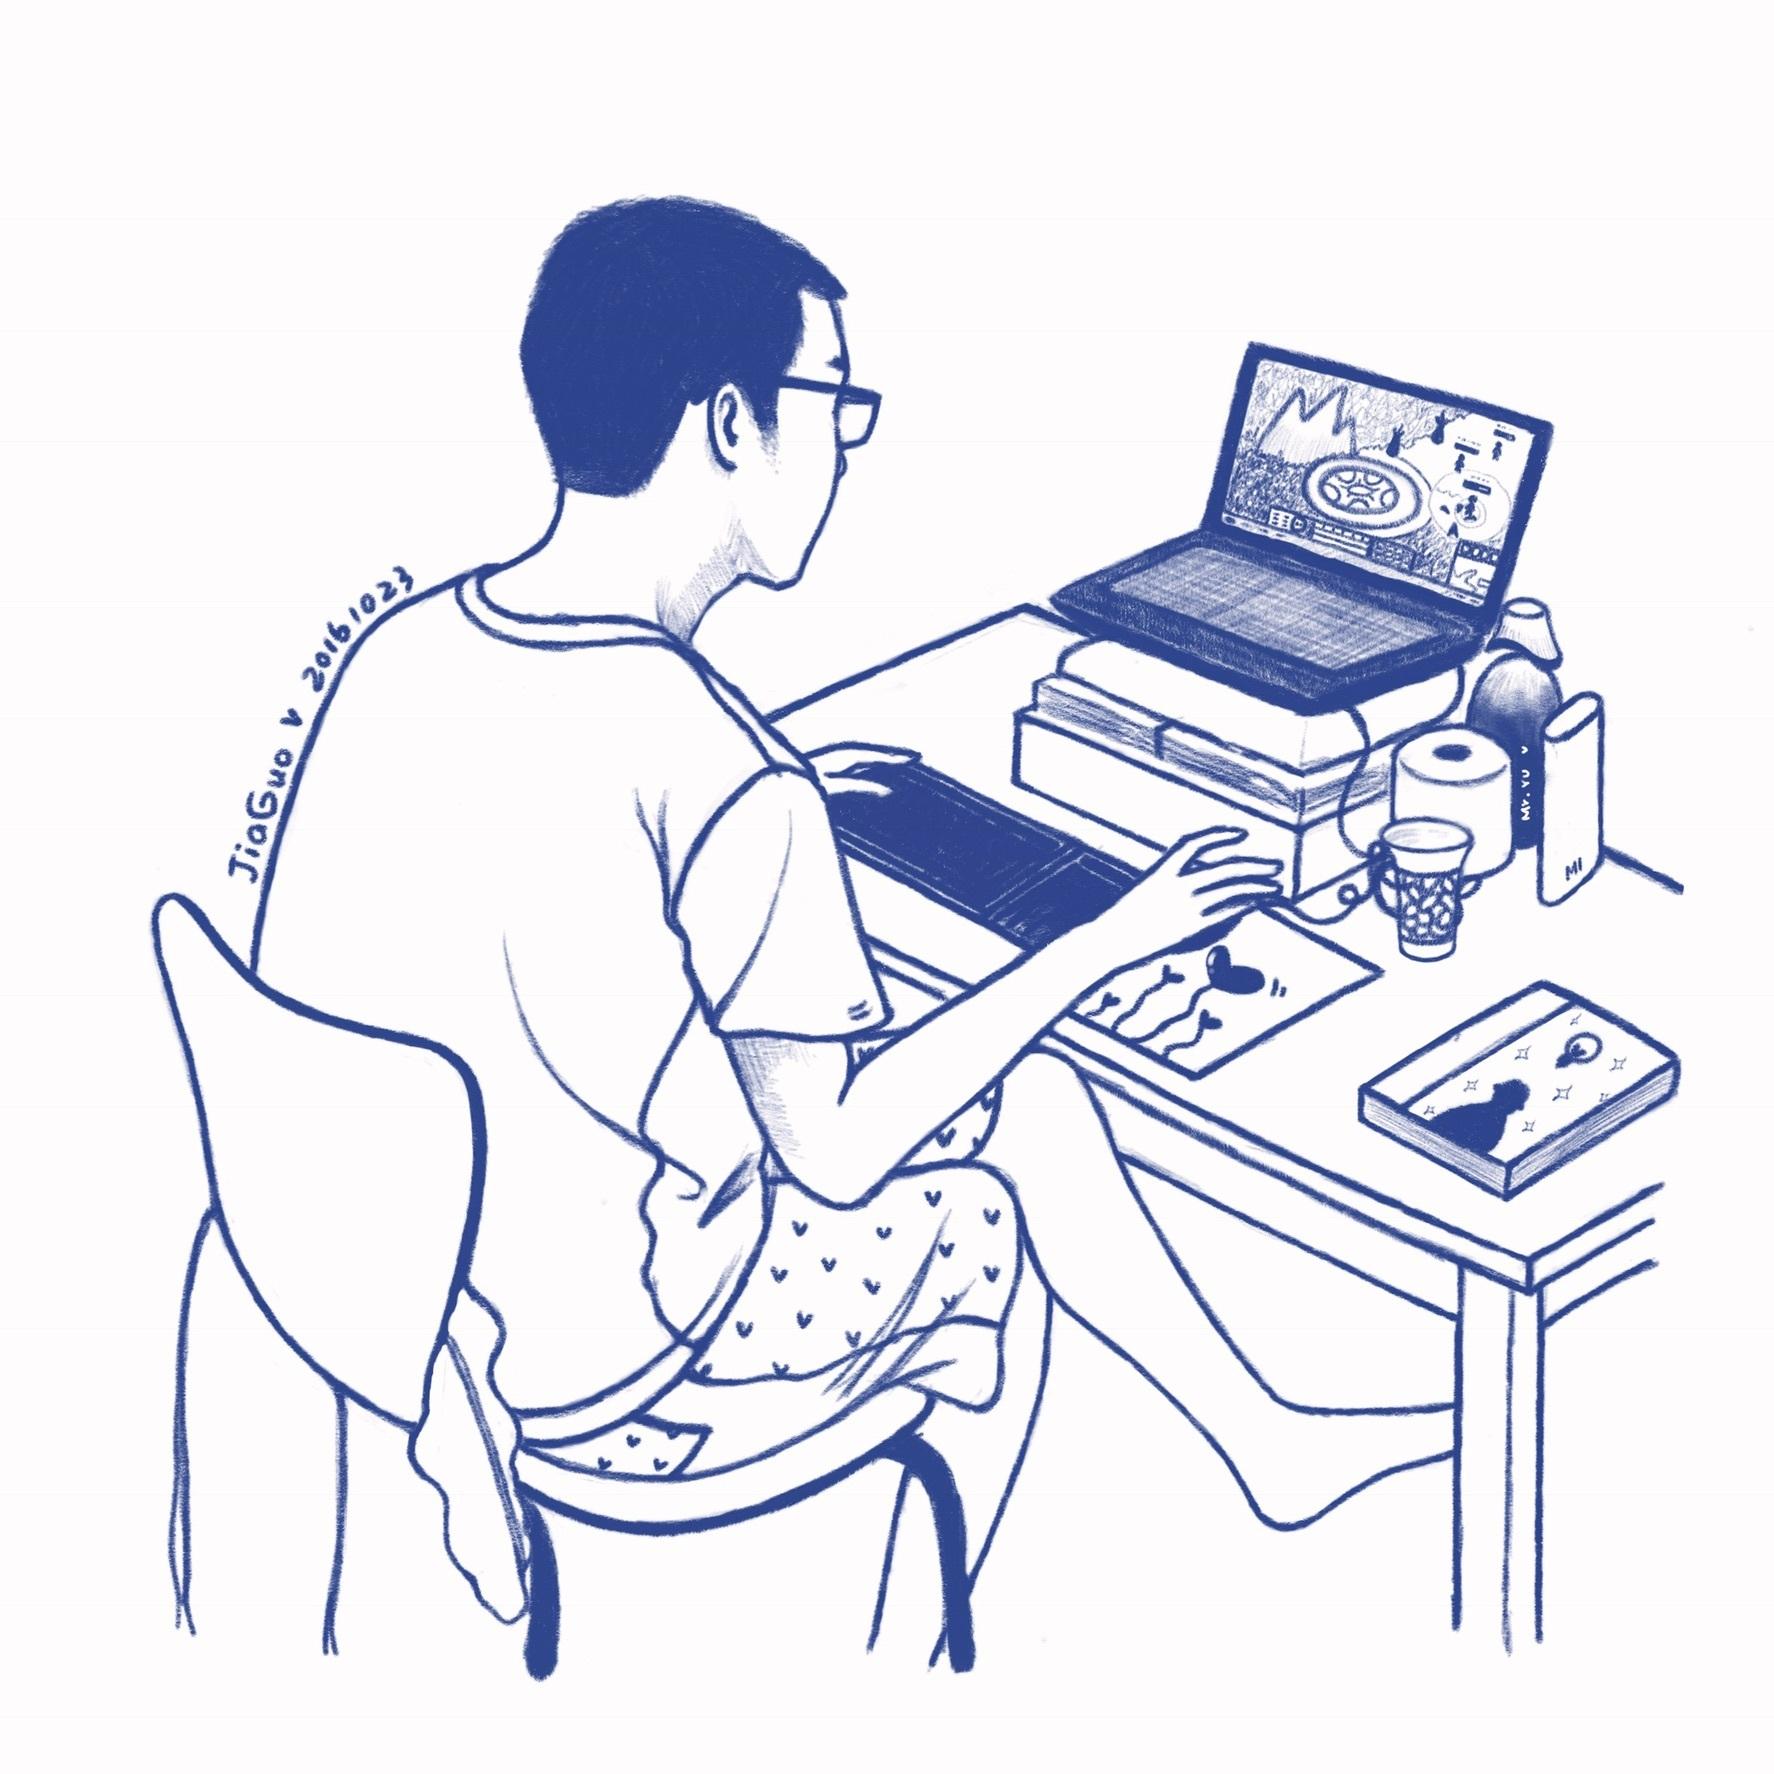 周末在家看男友打游戏|插画|插画习作|jiaguo - 原创